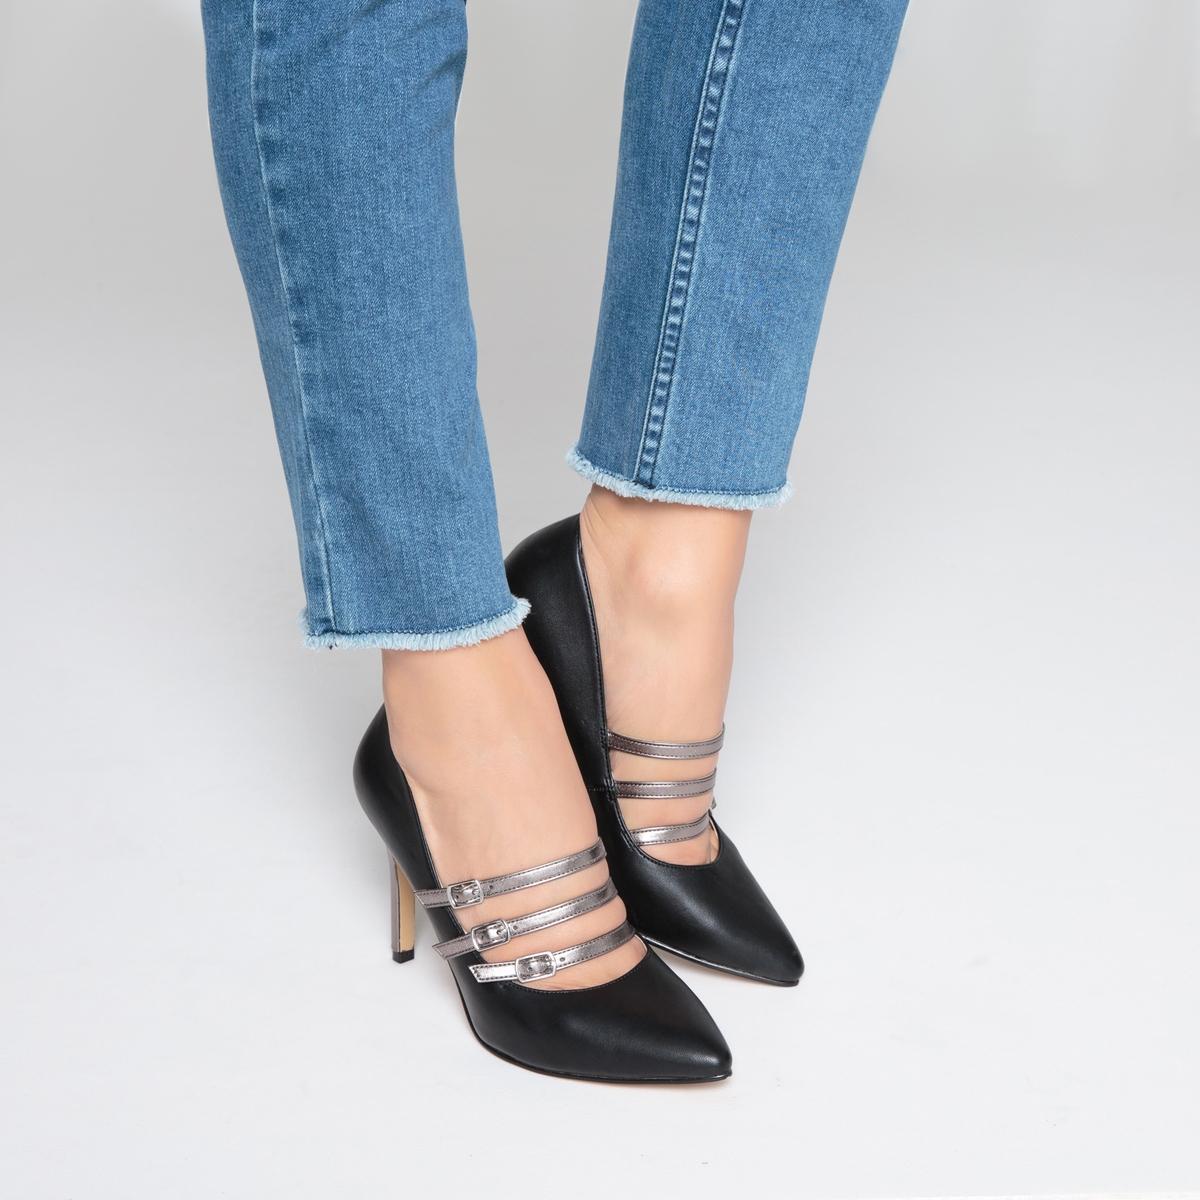 Туфли с тройным ремешком на металлизированном каблуке